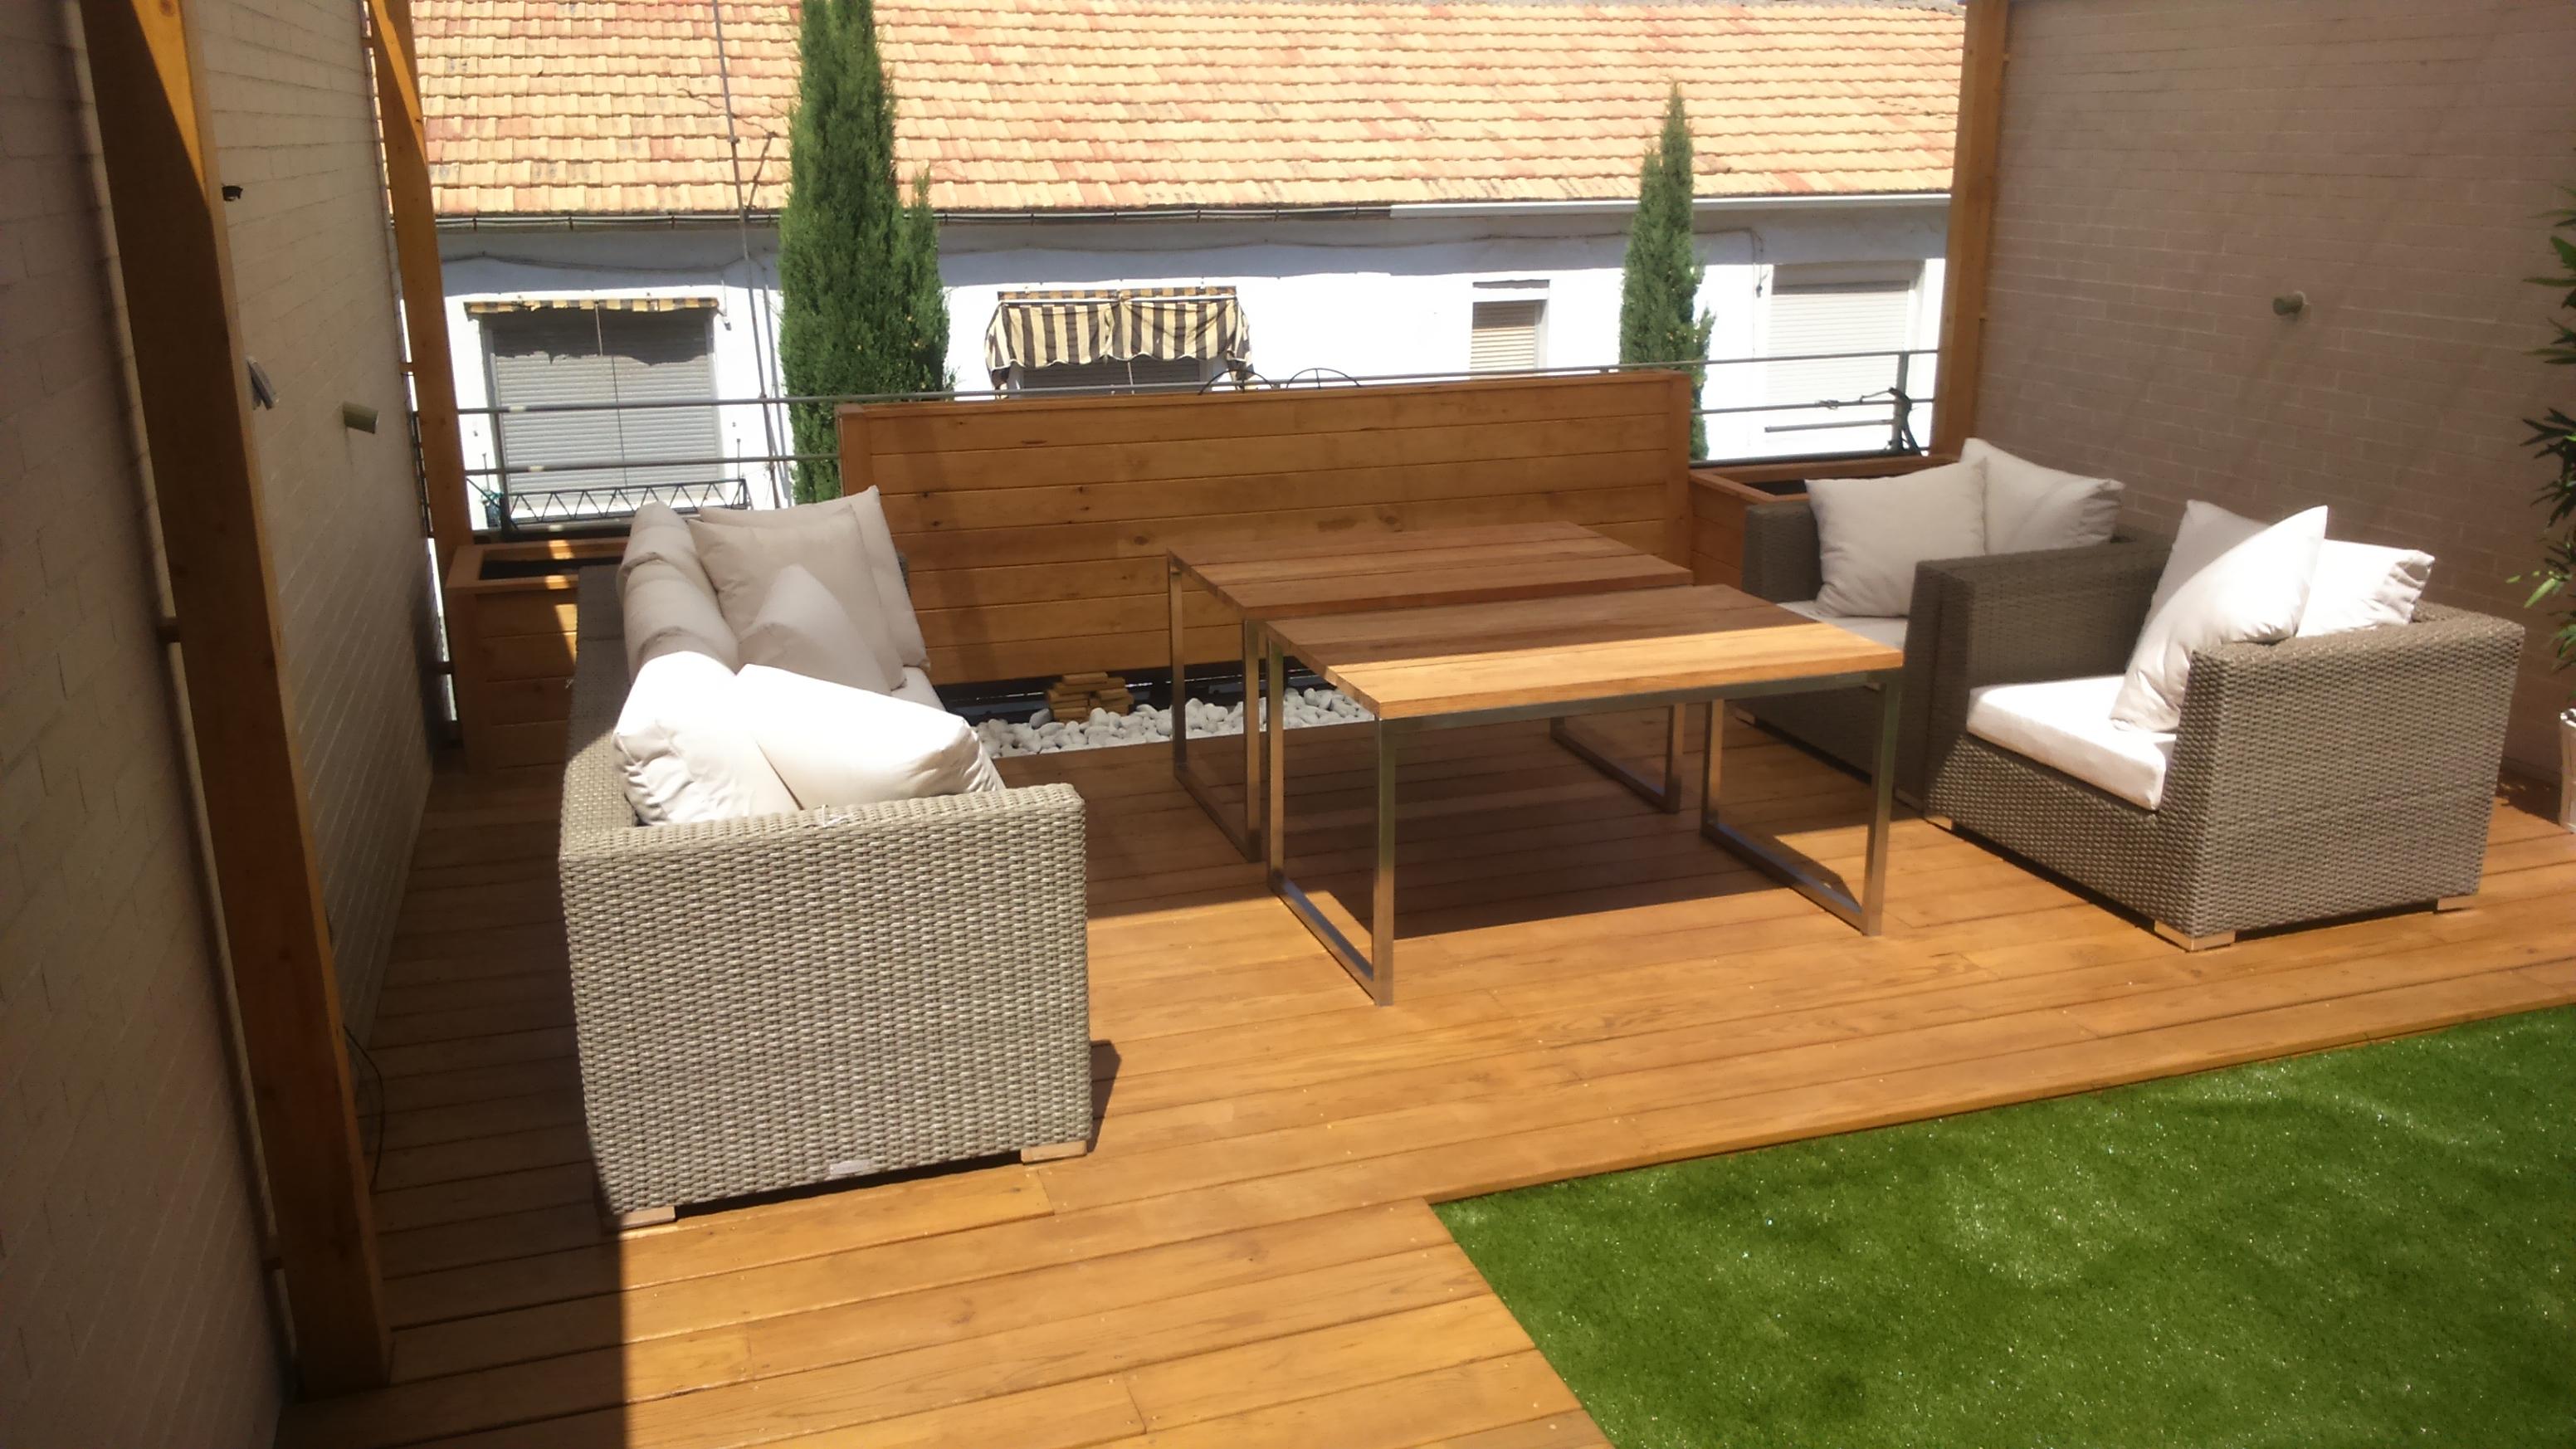 Pérgola, suelo madera, mueble